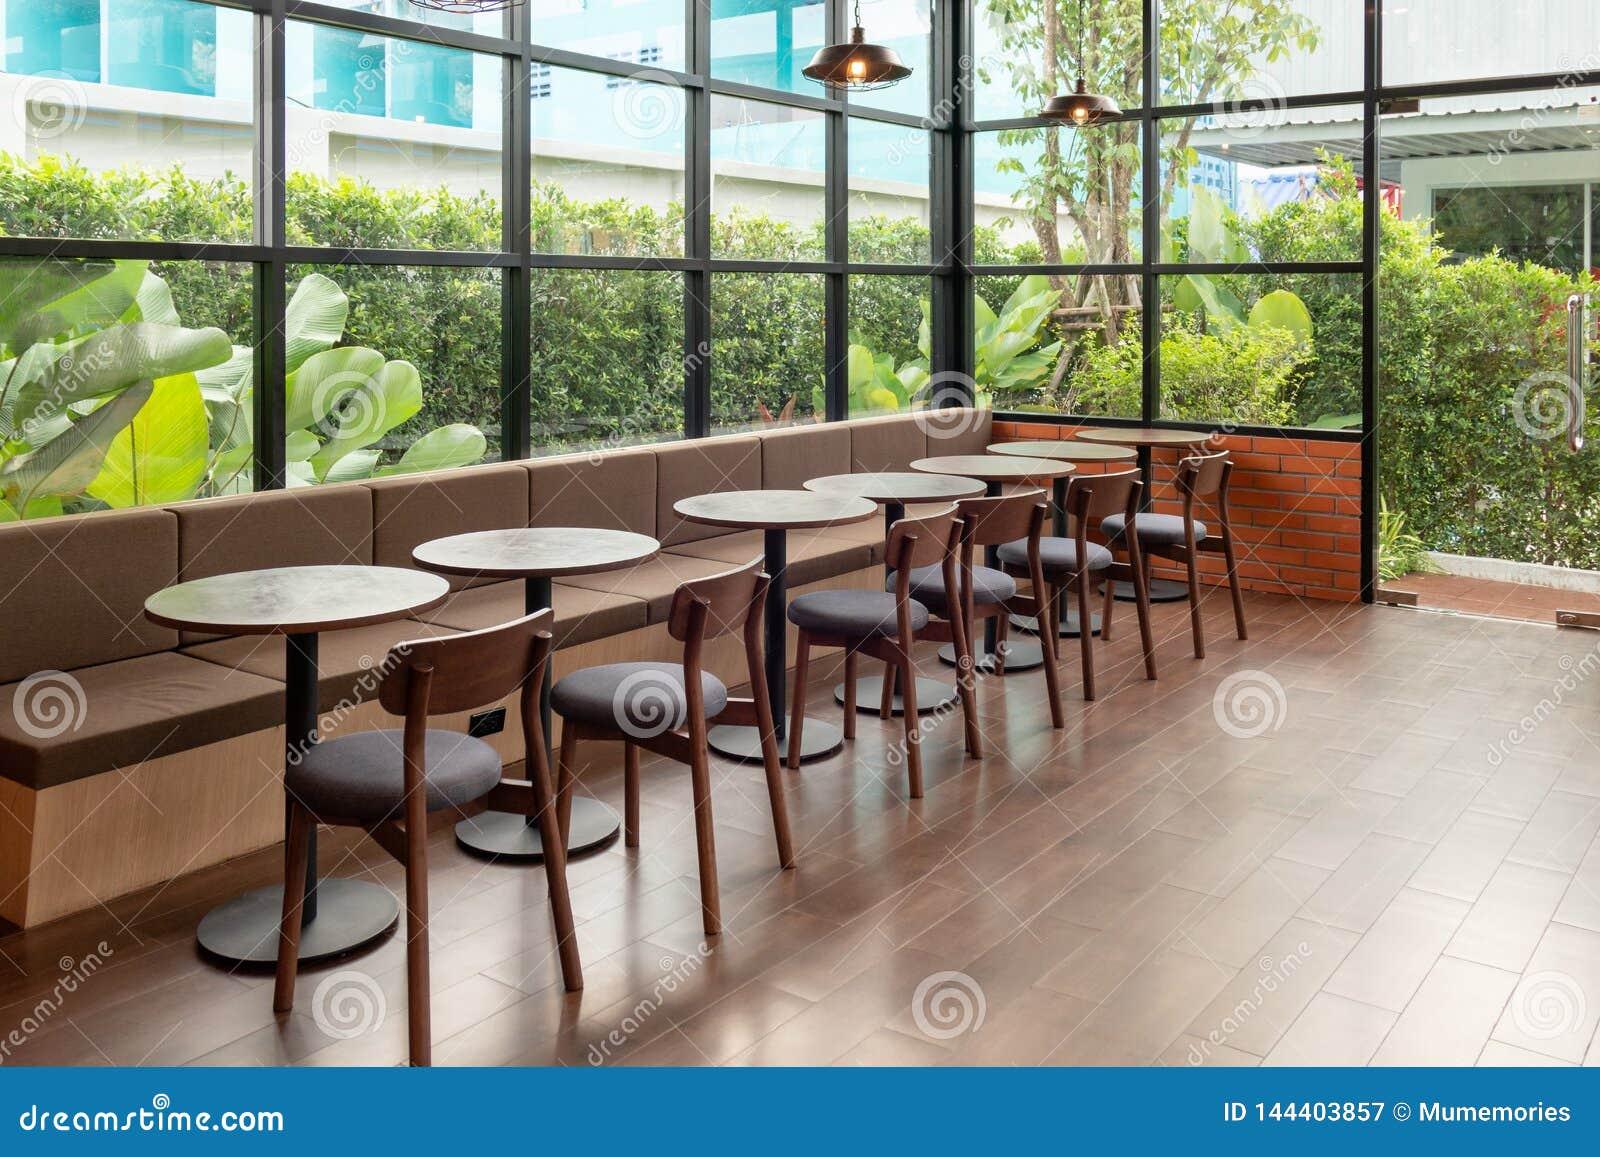 Rijen van houten lijst en stoel binnen van glasruimte met tuin